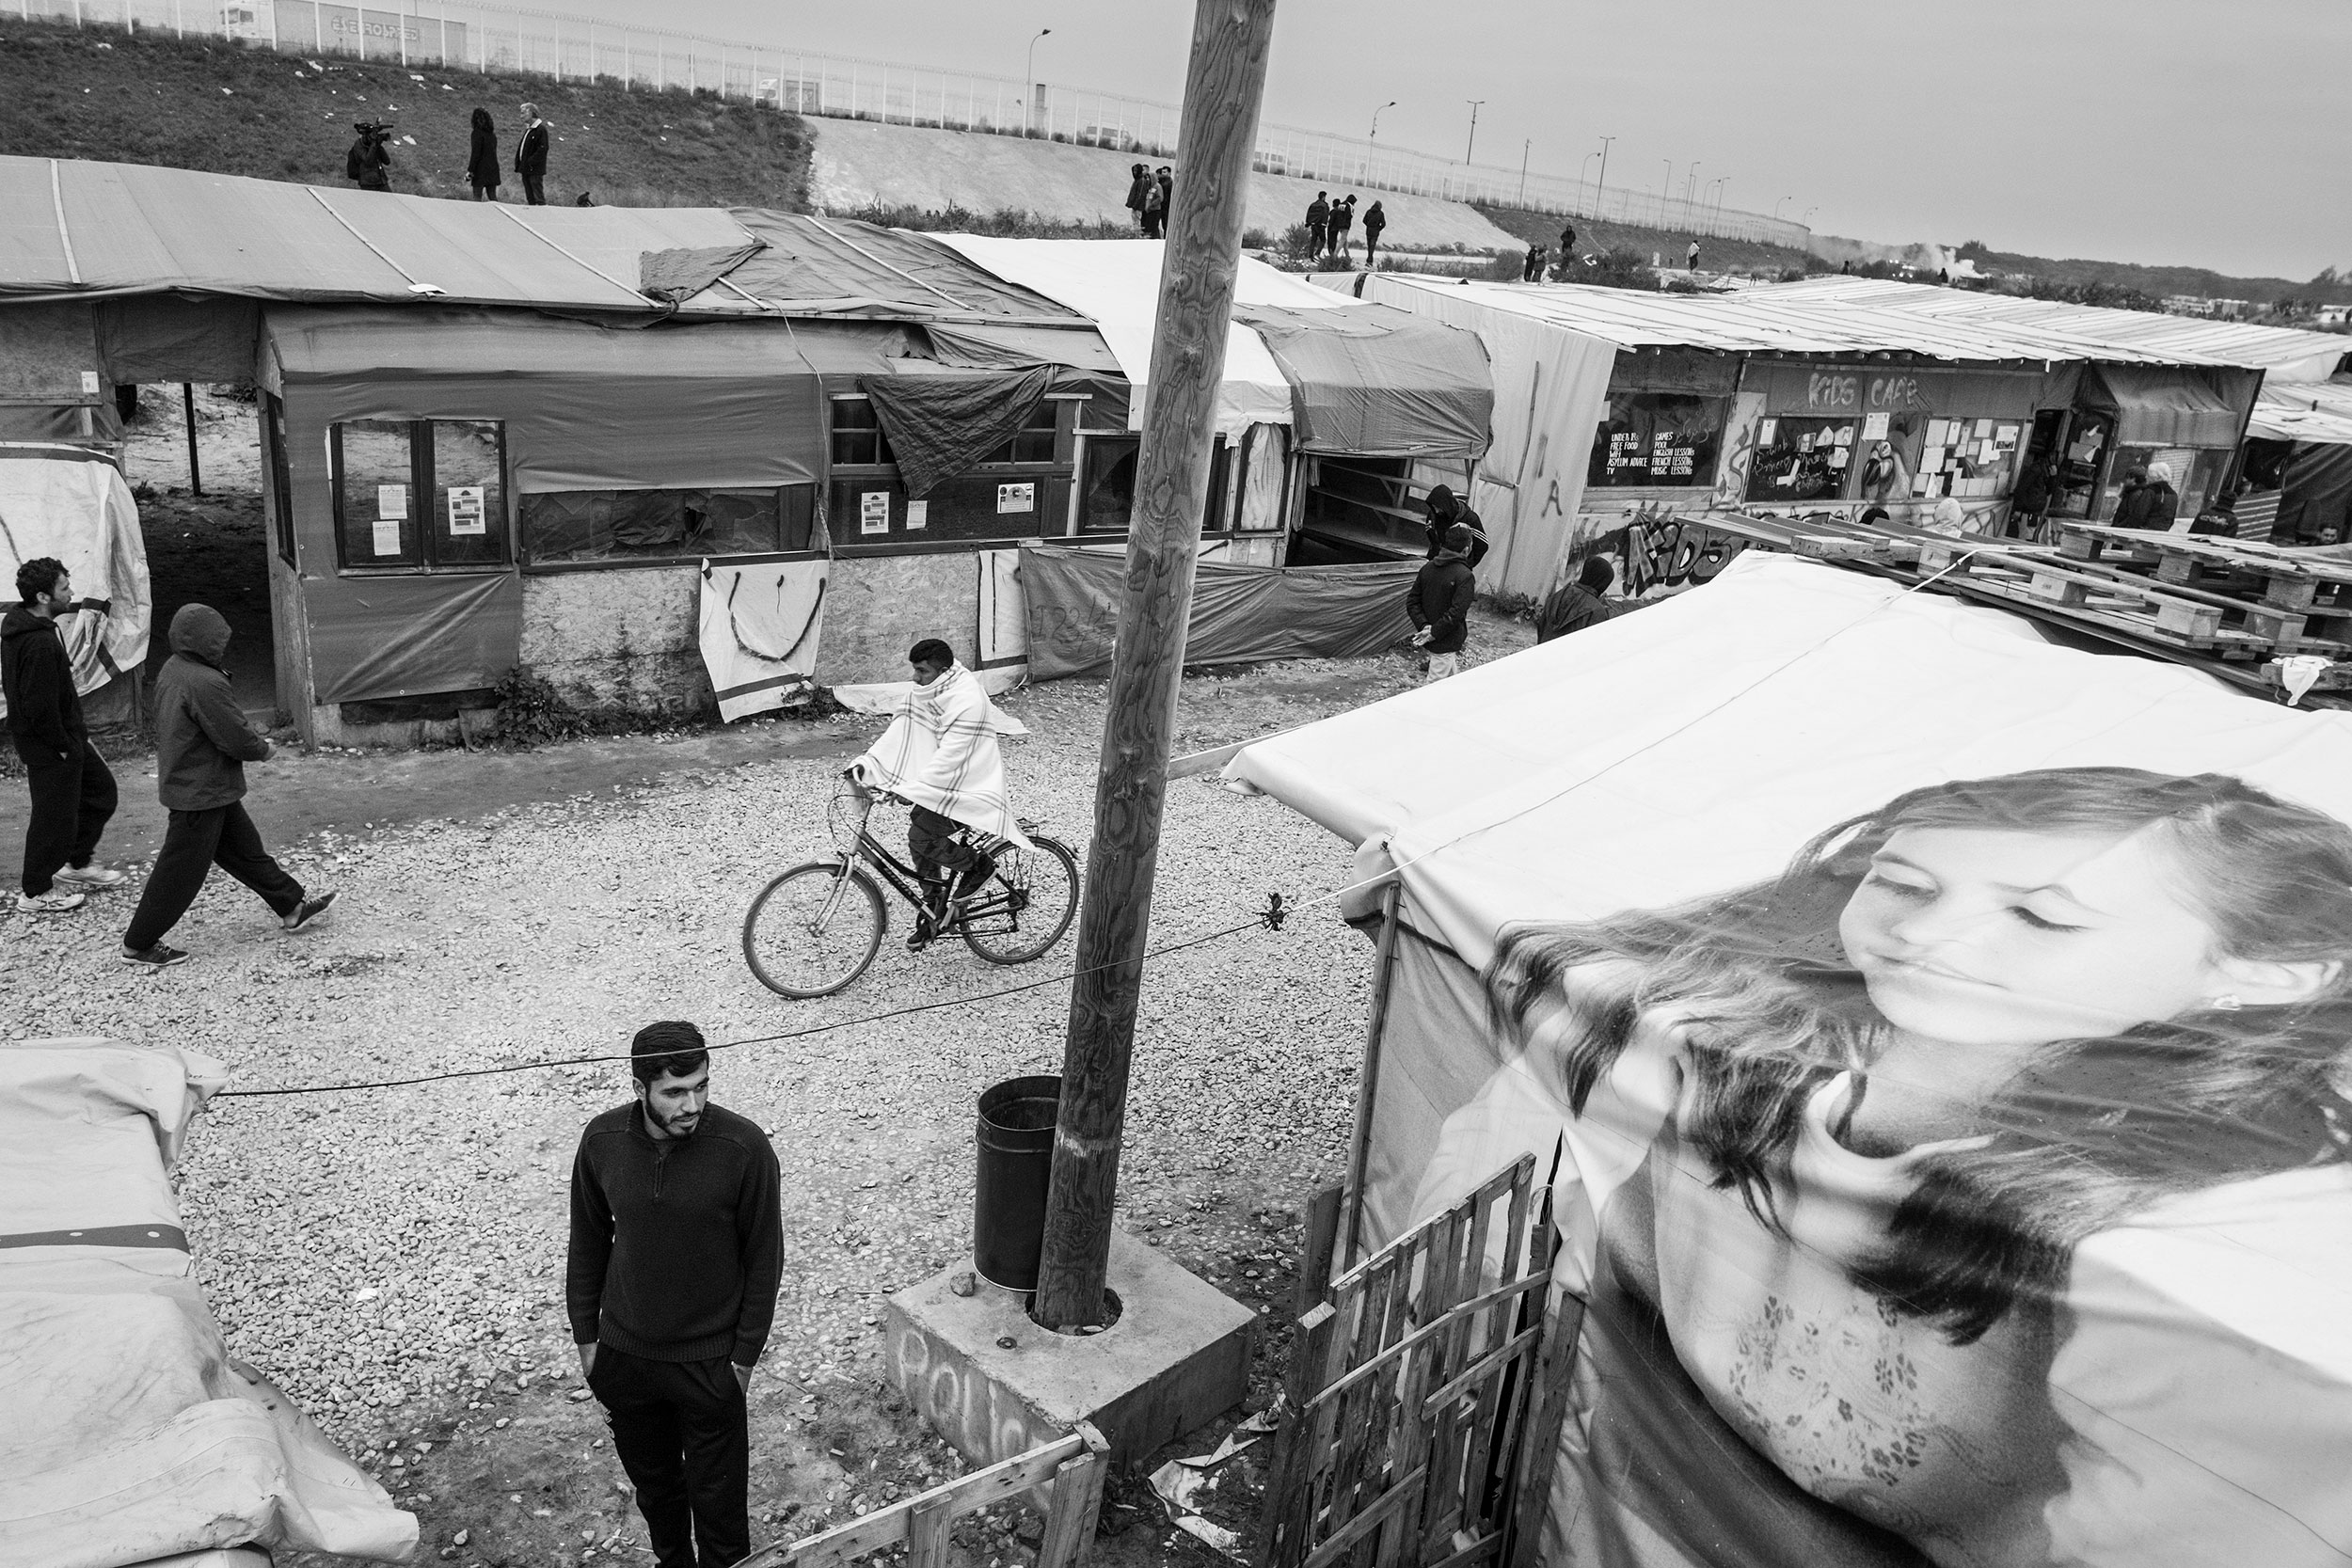 France, Calais